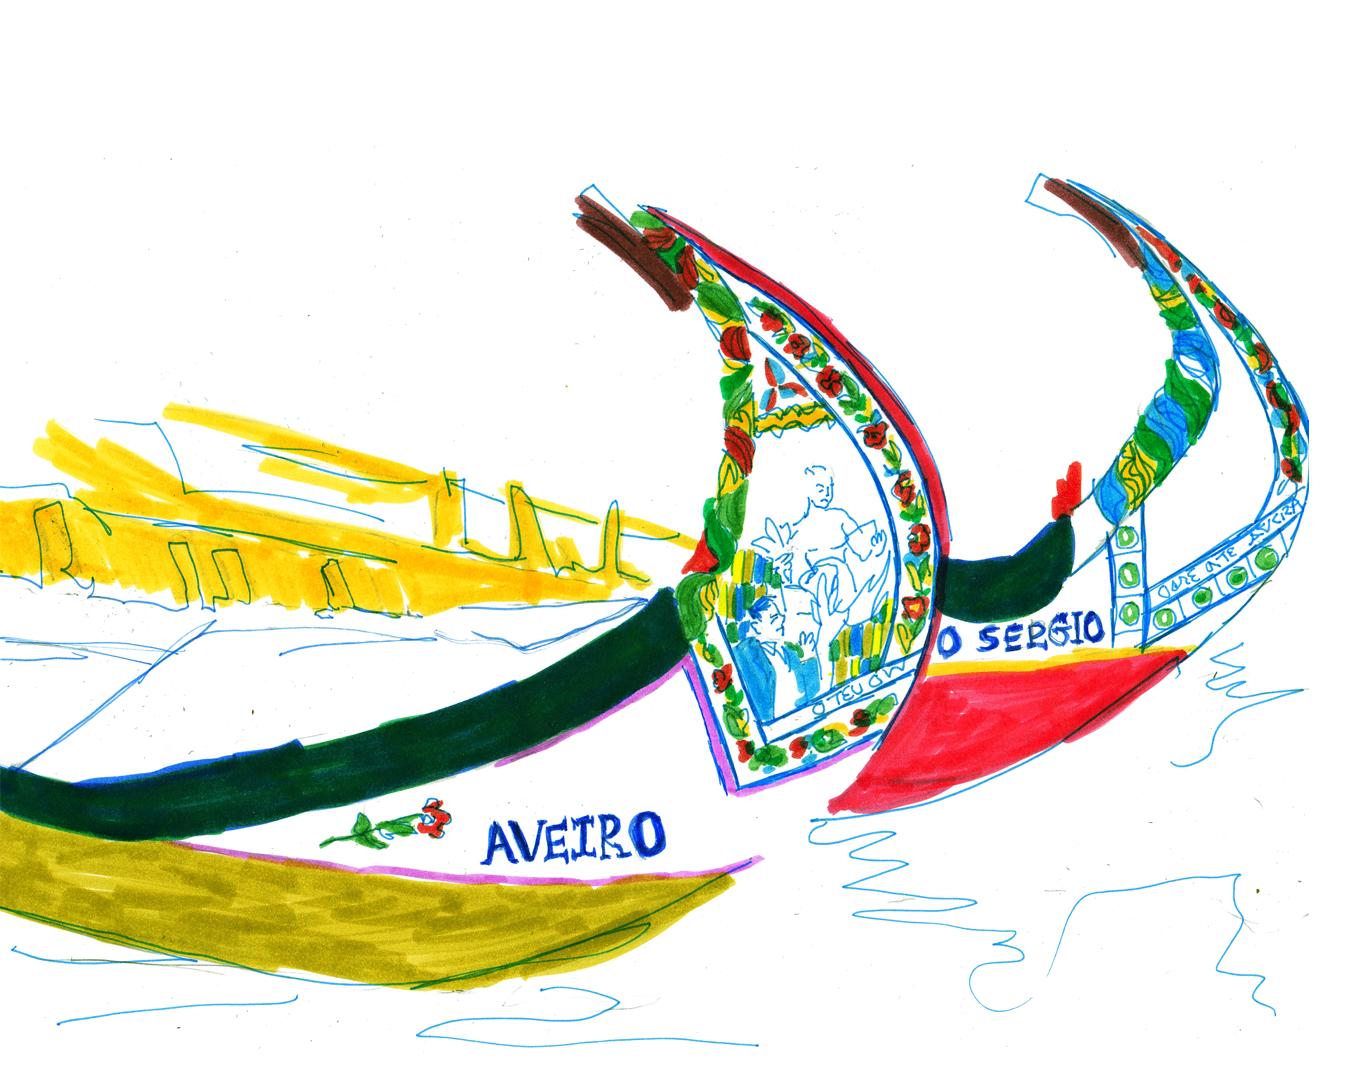 Aveiro Moliceiro boats Portugal